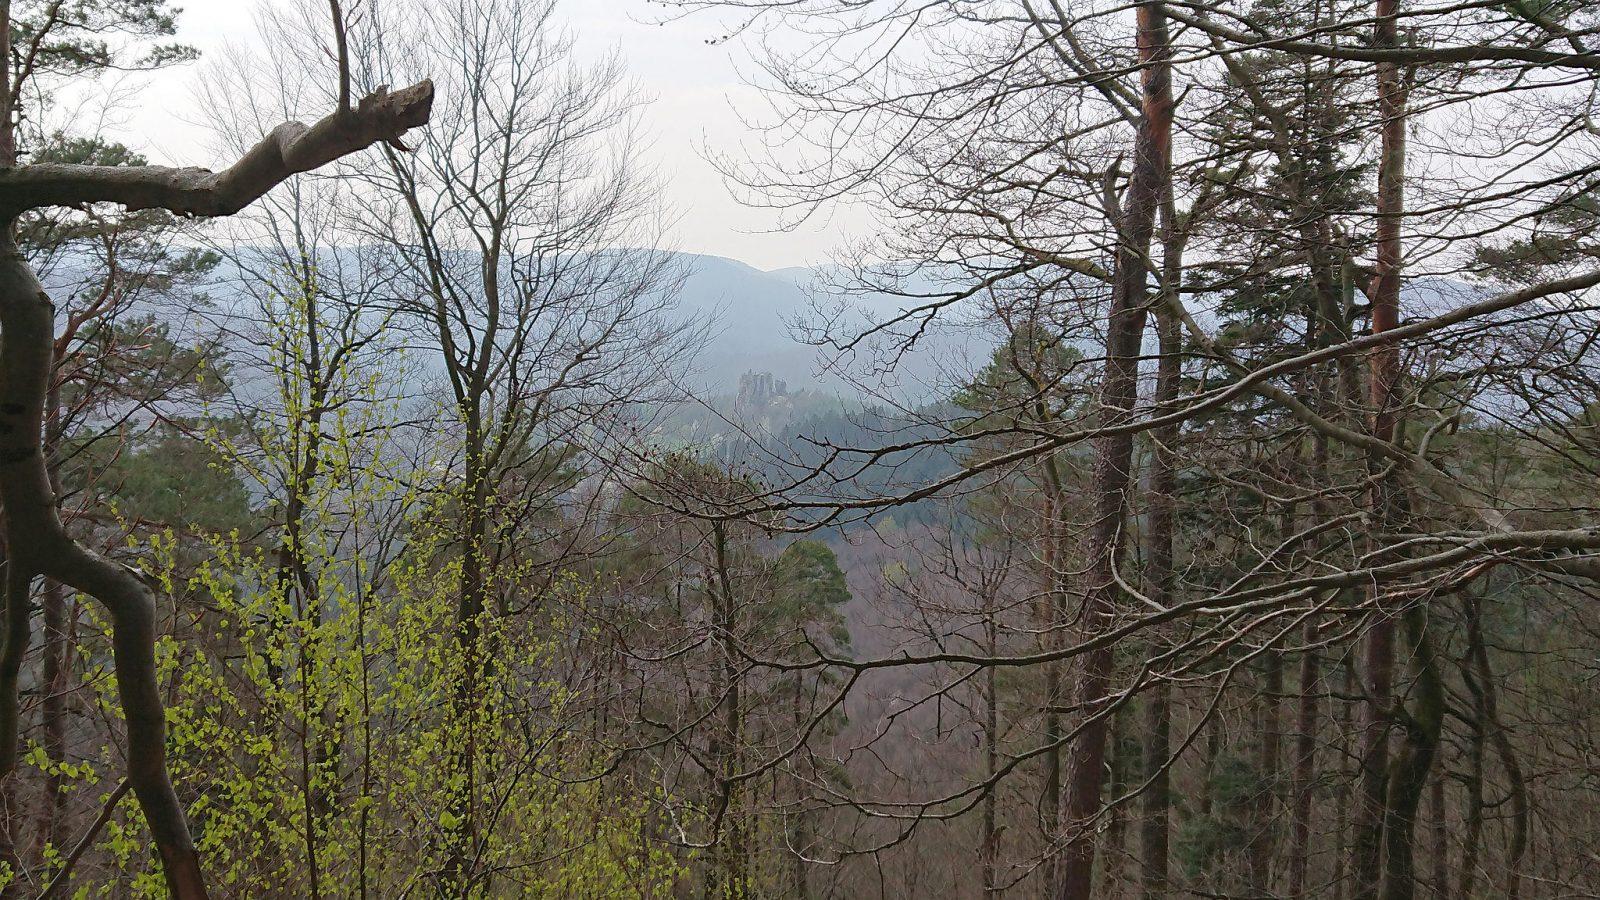 Nochmals die Burgruine Fleckenstein im Hintergrund.